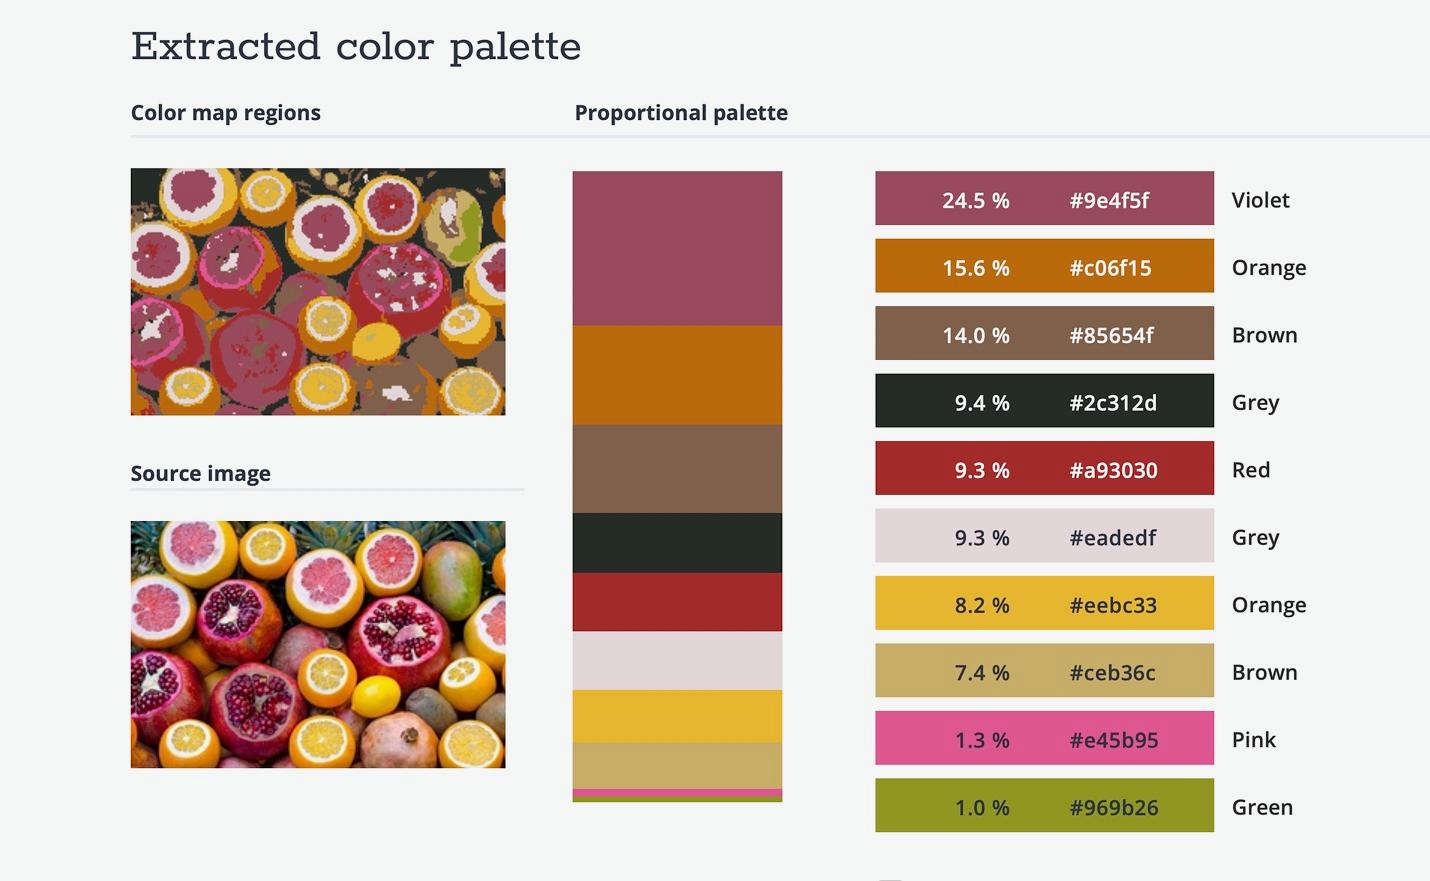 The color palette of a photograph of citrus fruit